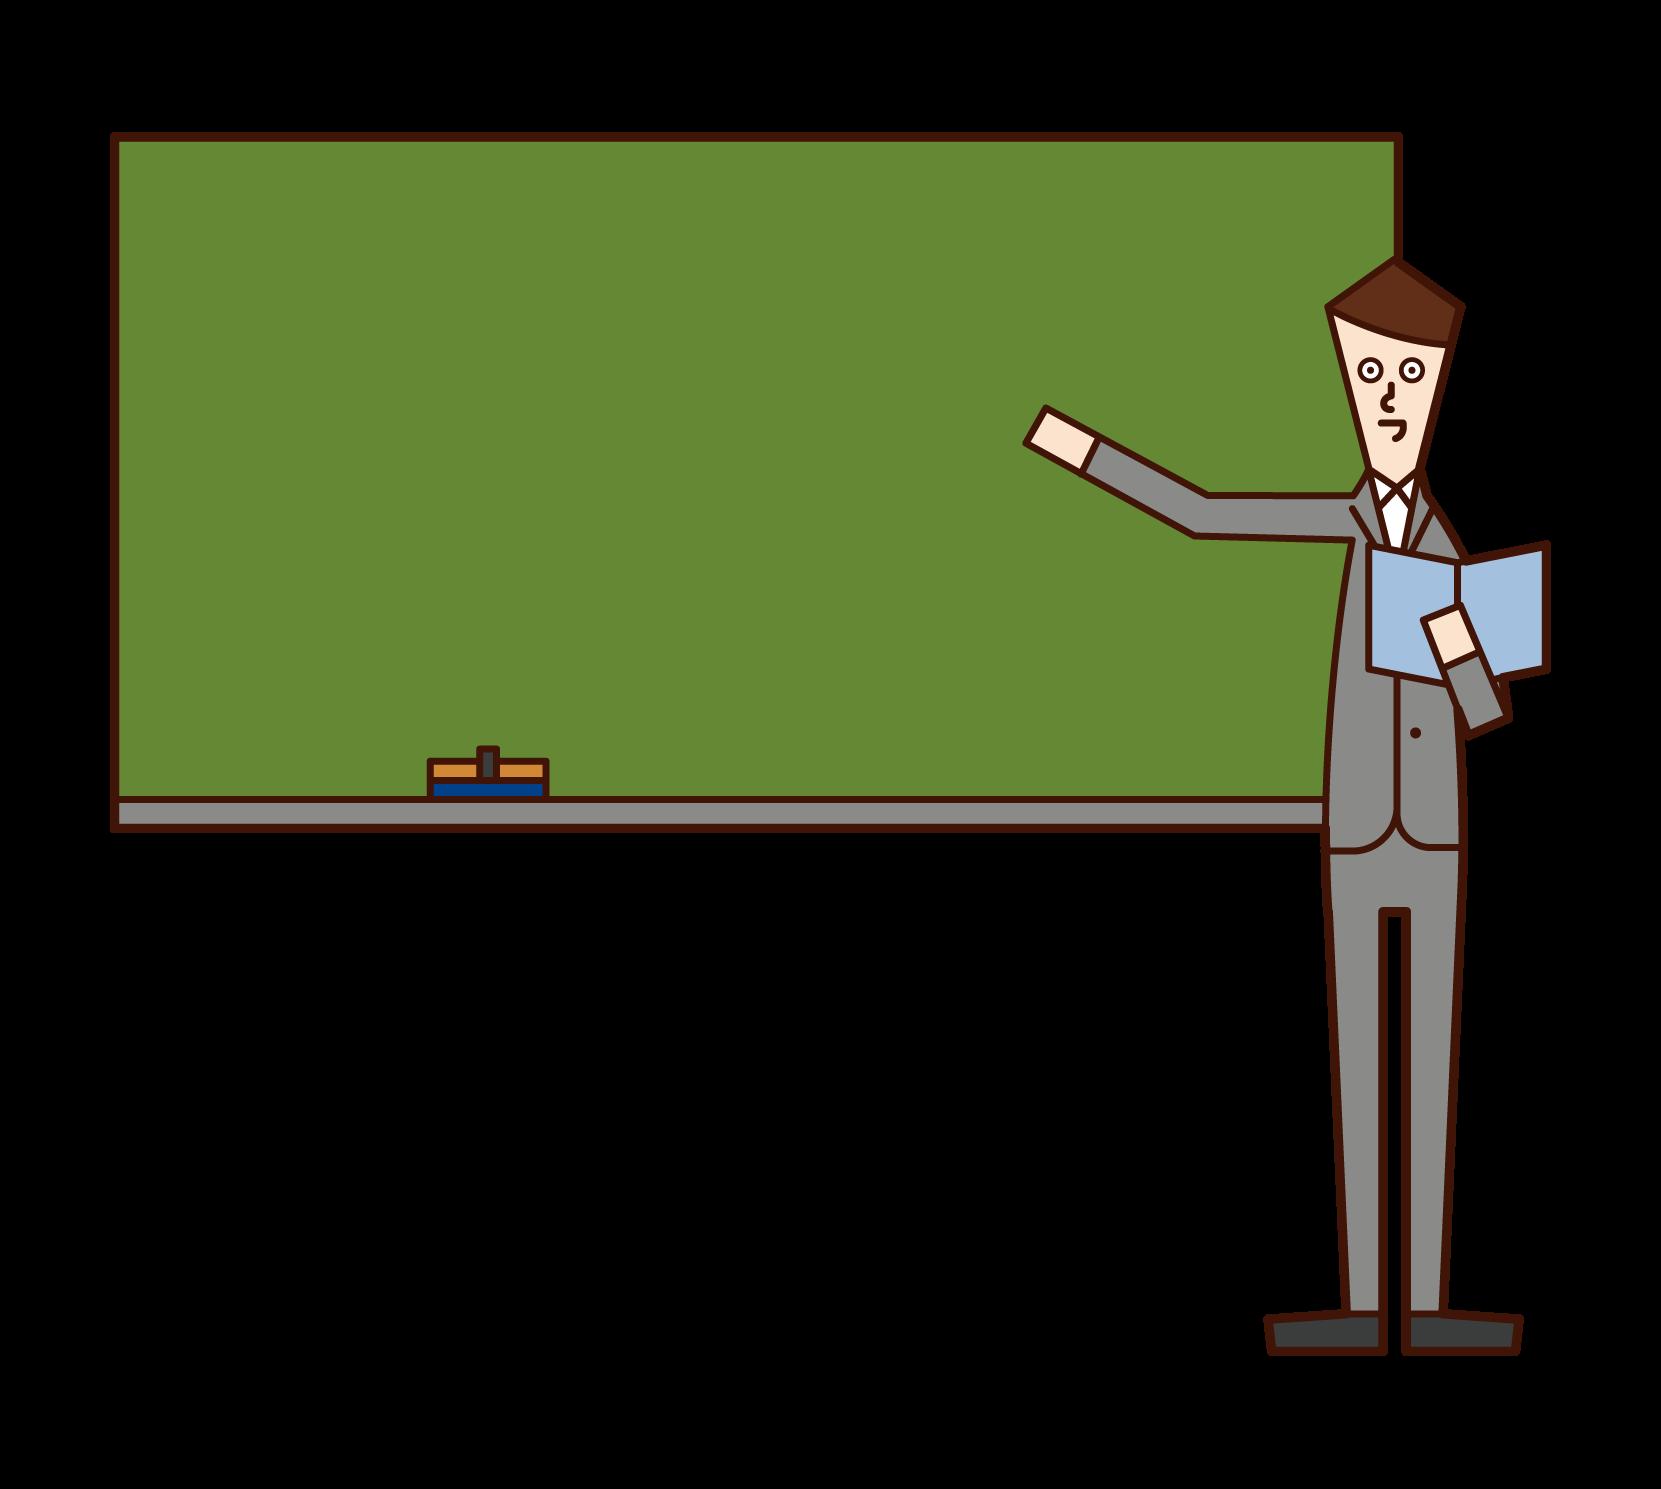 授業をする教師(男性)のイラスト